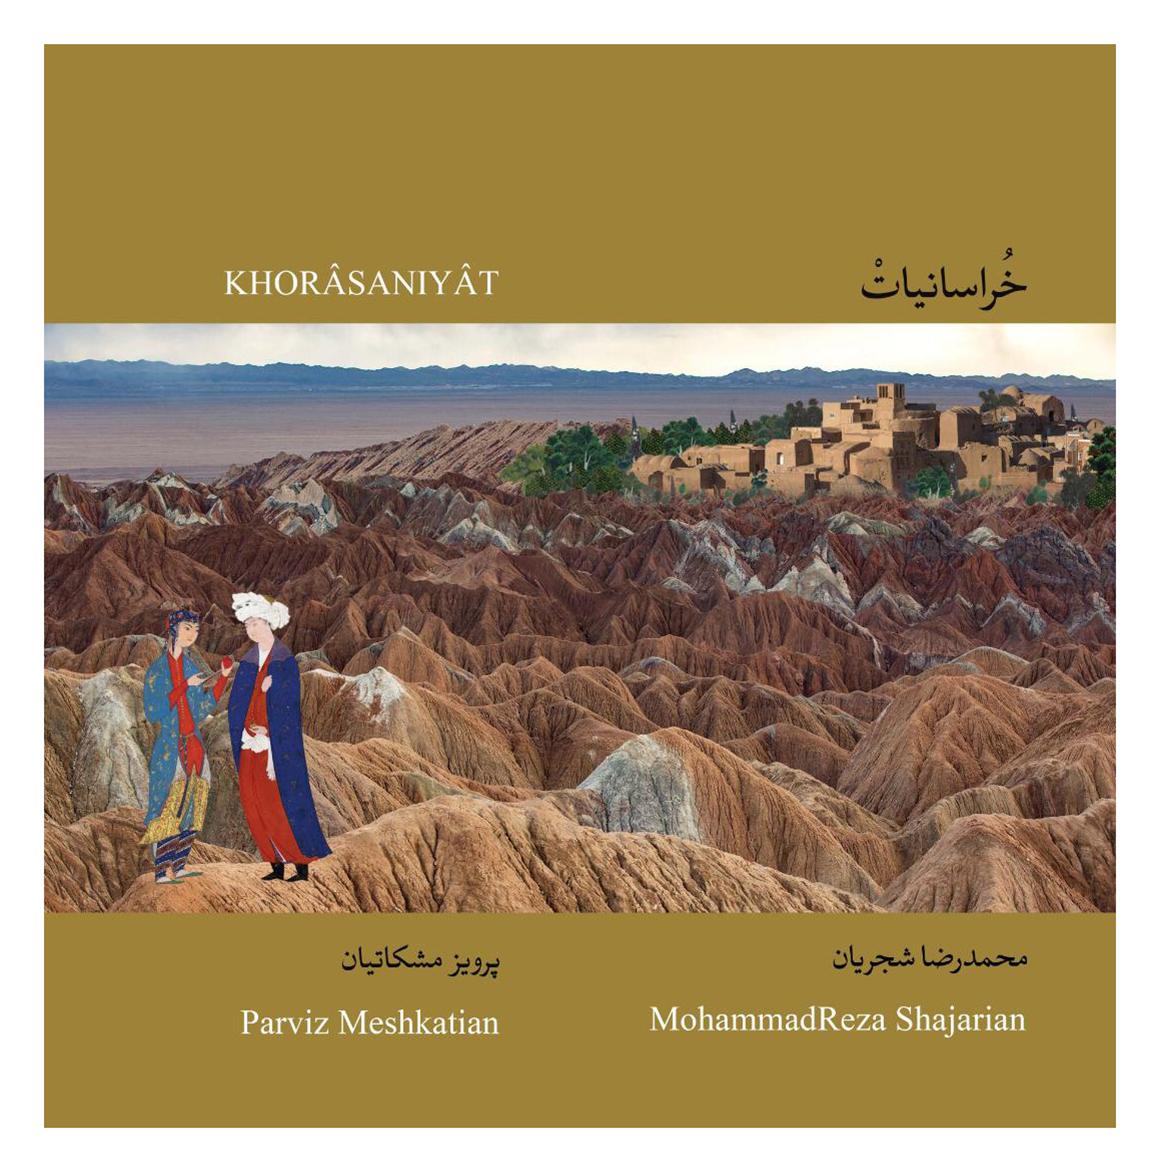 آلبوم موسیقی خراسانیات اثر محمدرضا شجریان و پرویز مشکاتیان